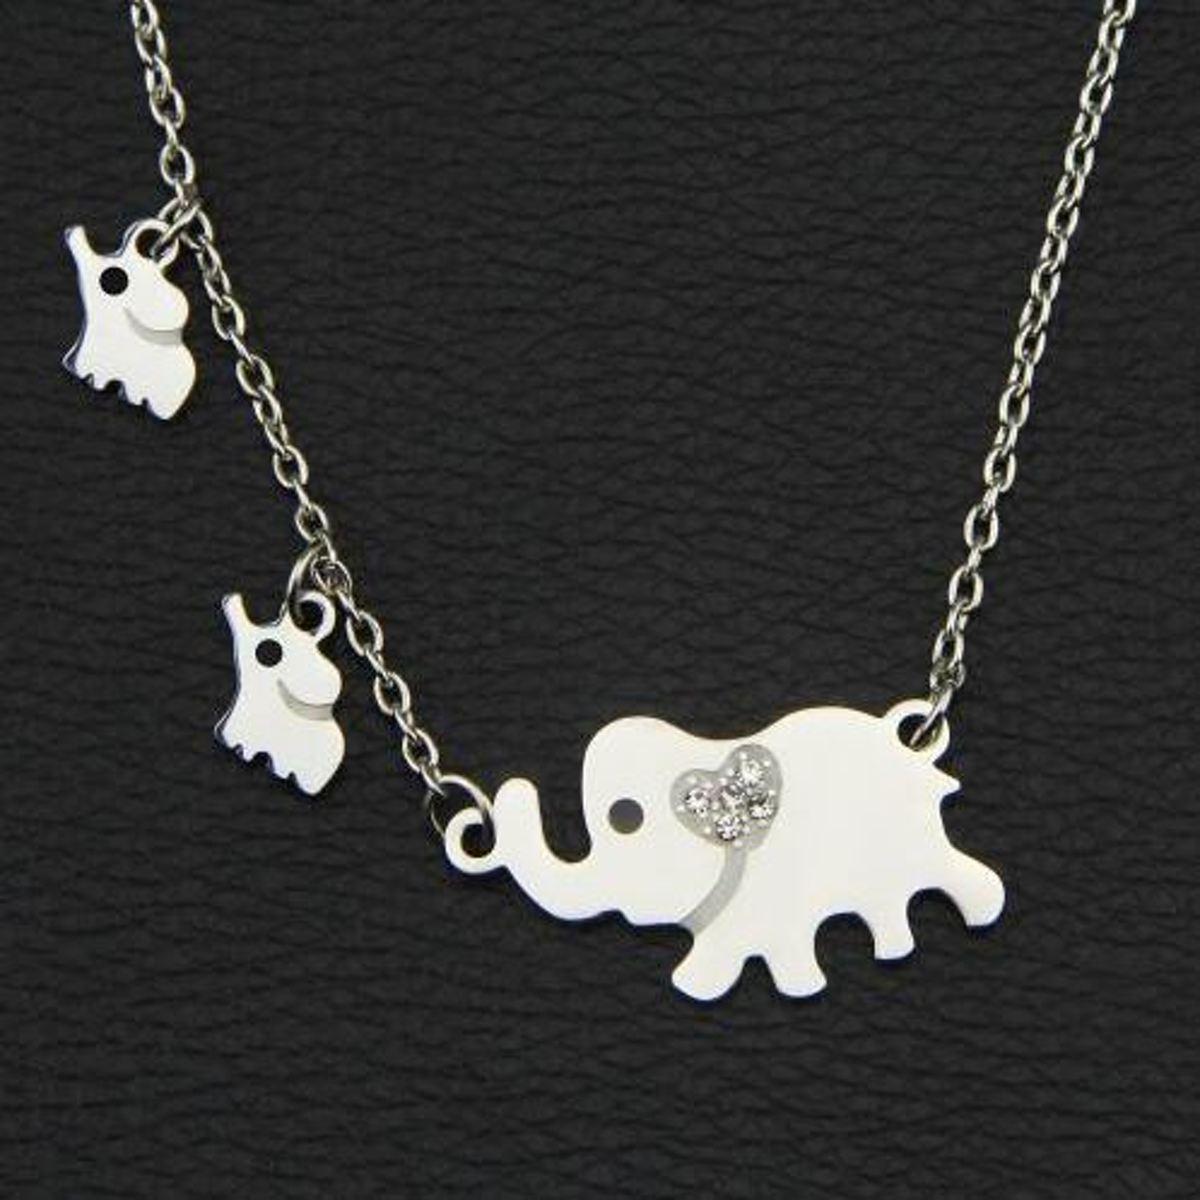 Stalen ketting met moeder olifant en 2 baby olifantjes - mooi cadeau voor mama - verjaardagscadeau moeder kopen